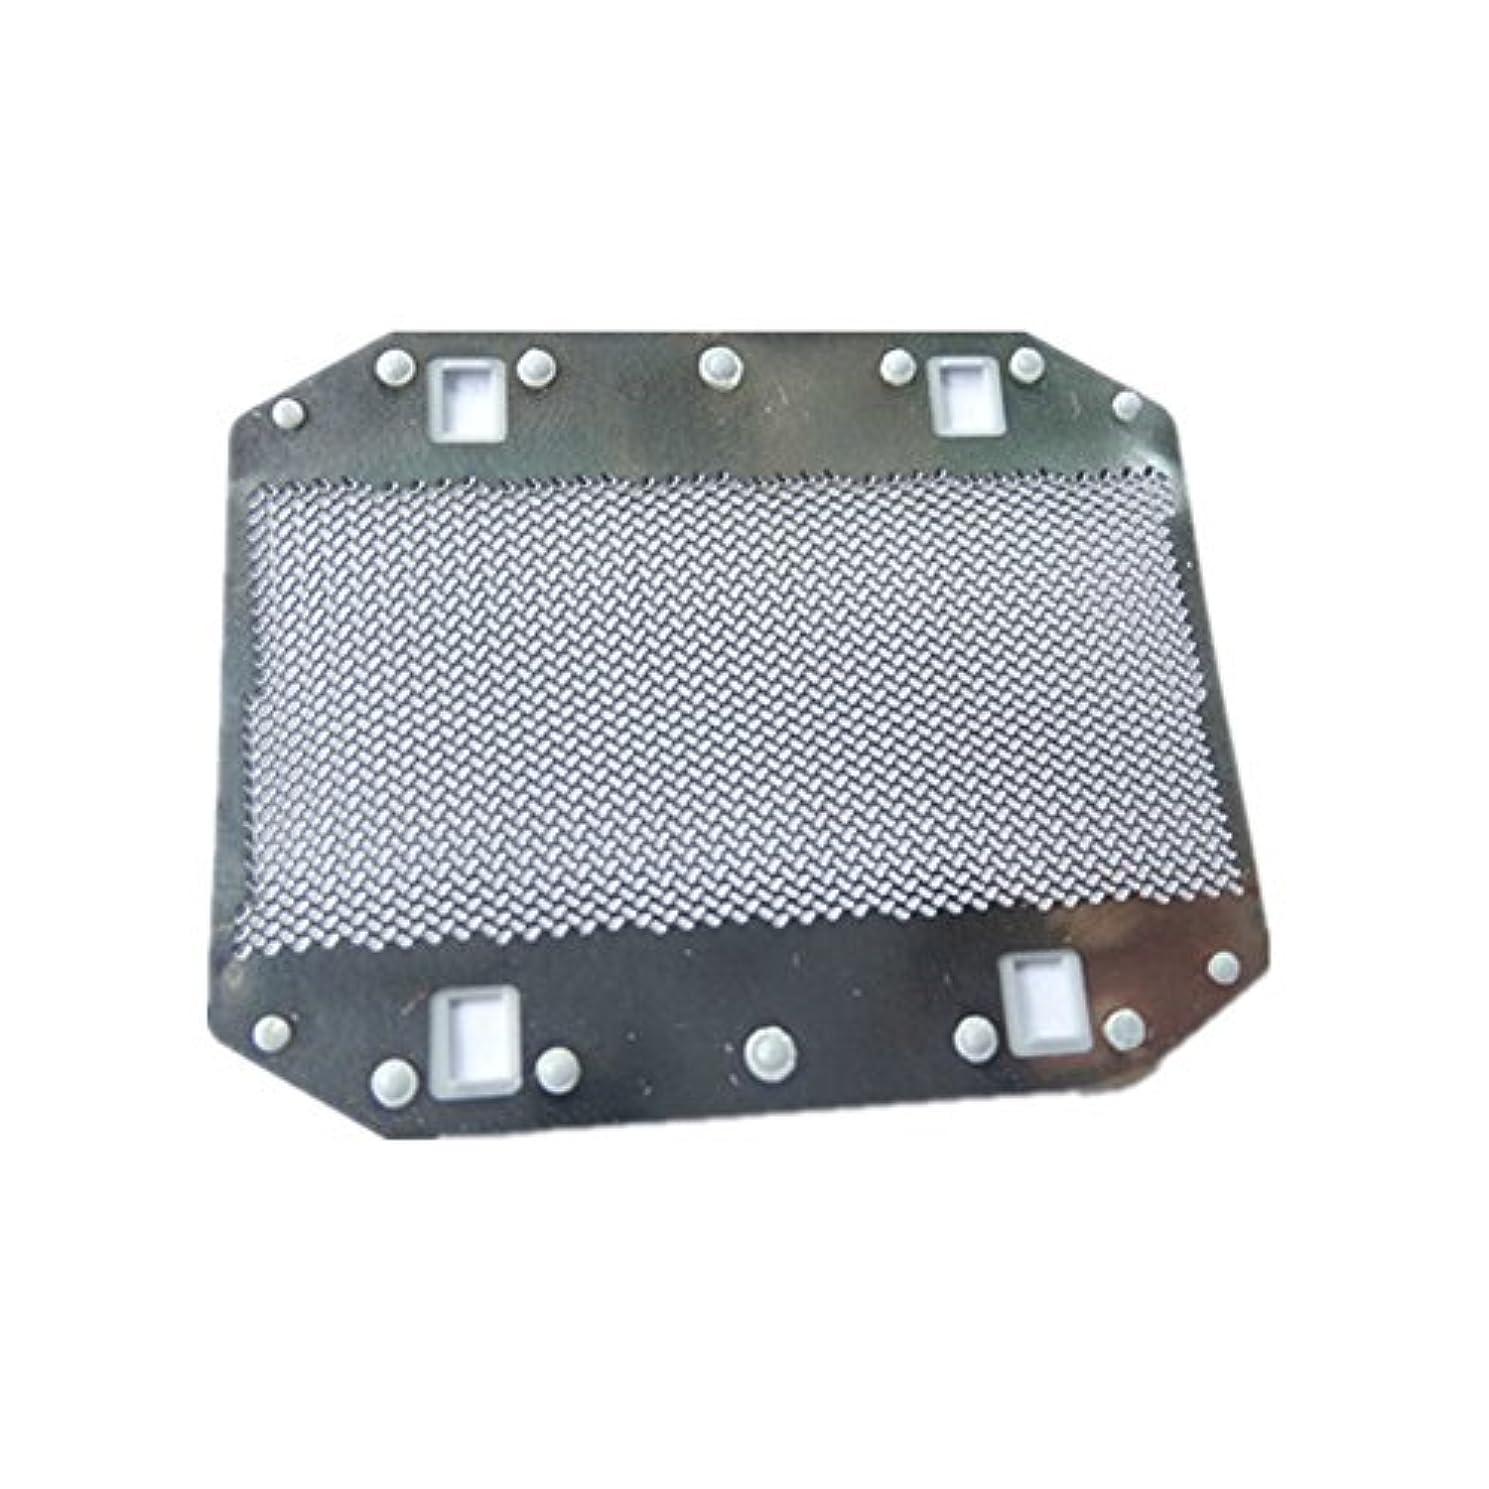 者故障中質素なHZjundasi Replacement Outer ホイル for Panasonic ES3750/3760/RP40/815/3050 ES9943